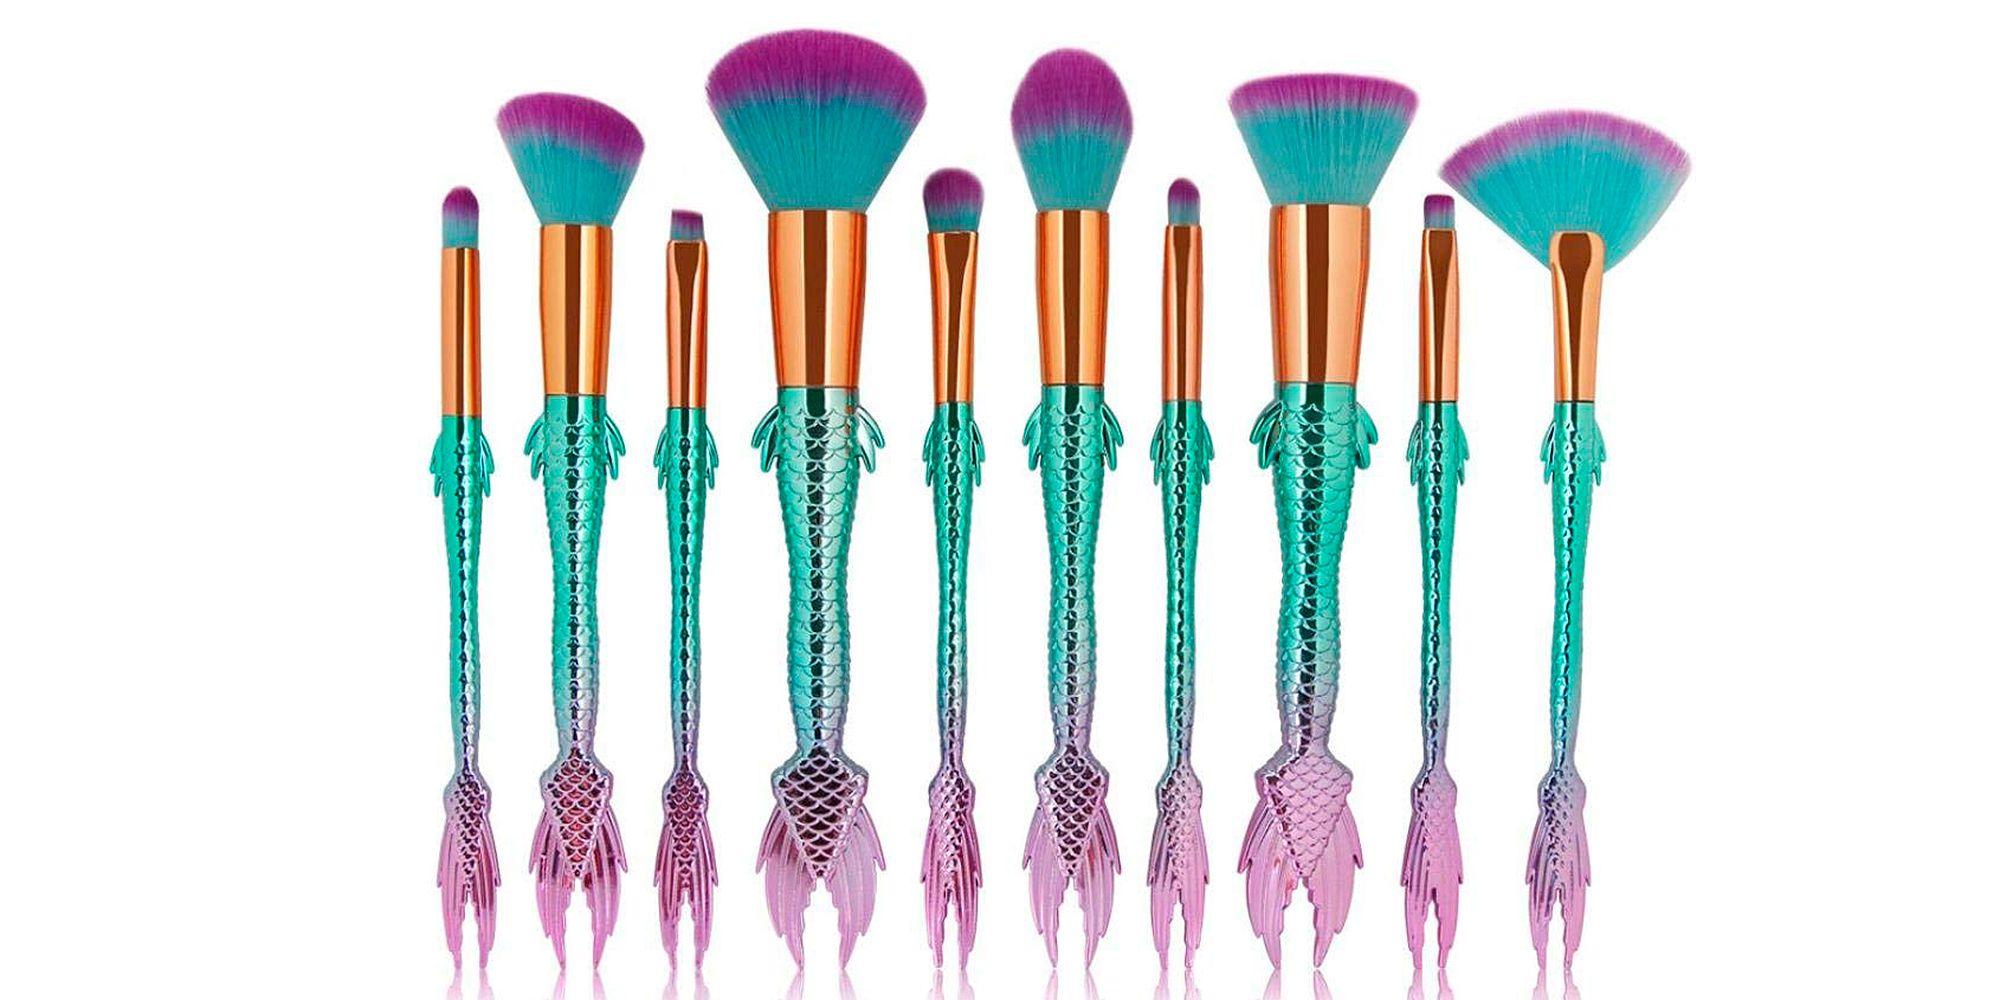 2a4f3e3a6 Los 6 mejores estuches de brochas de maquillaje por menos de 10€ de Amazon  - Cómo hacer para el que maquillaje te quede natural